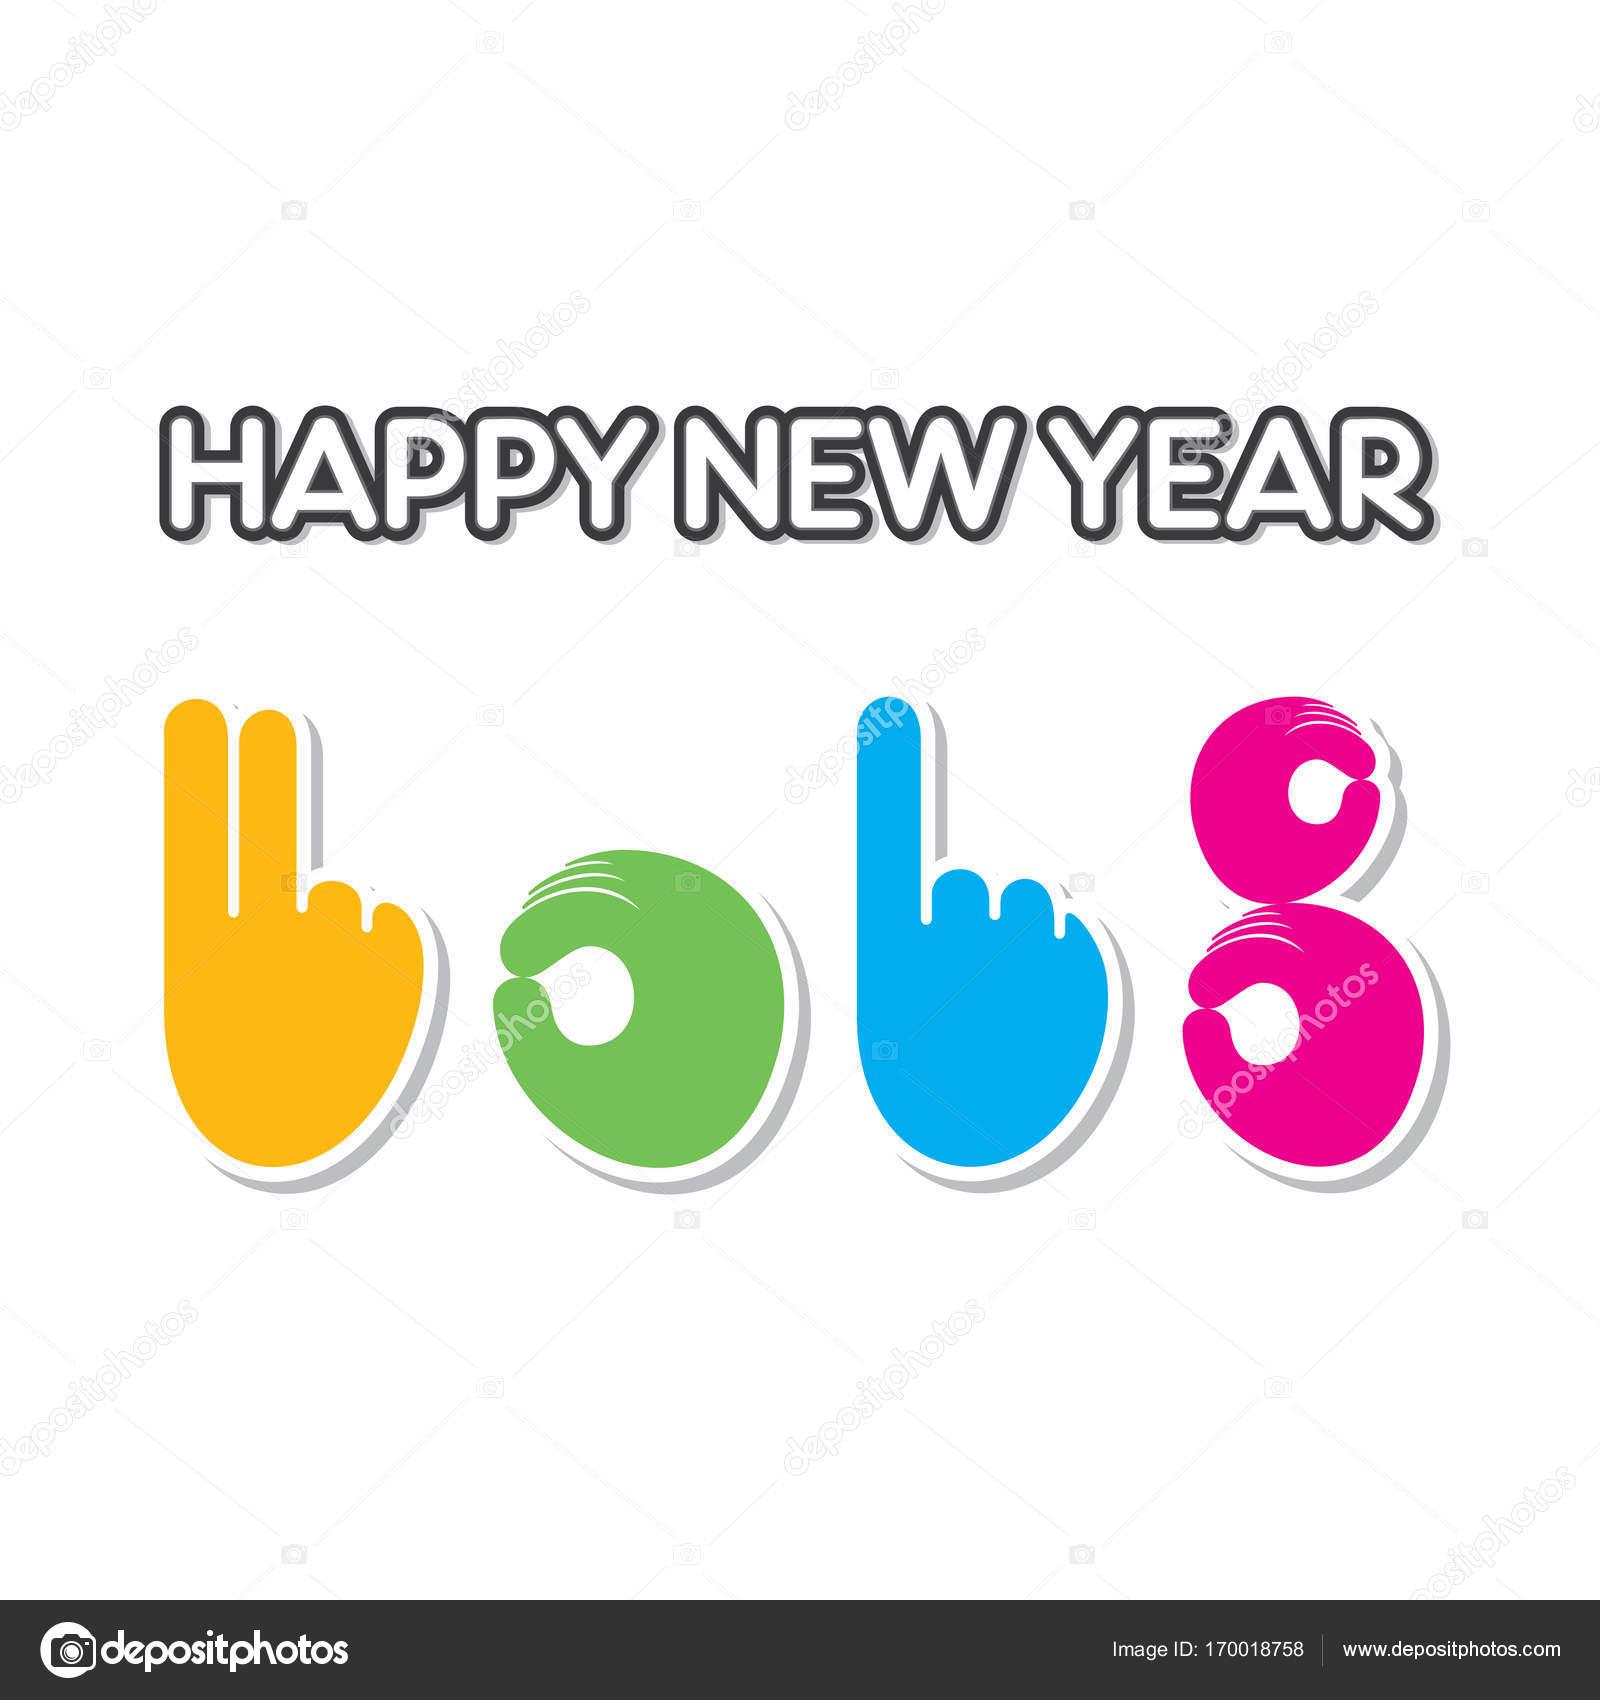 happy new year 2018 poster design — Stock Vector © vectotaart #170018758